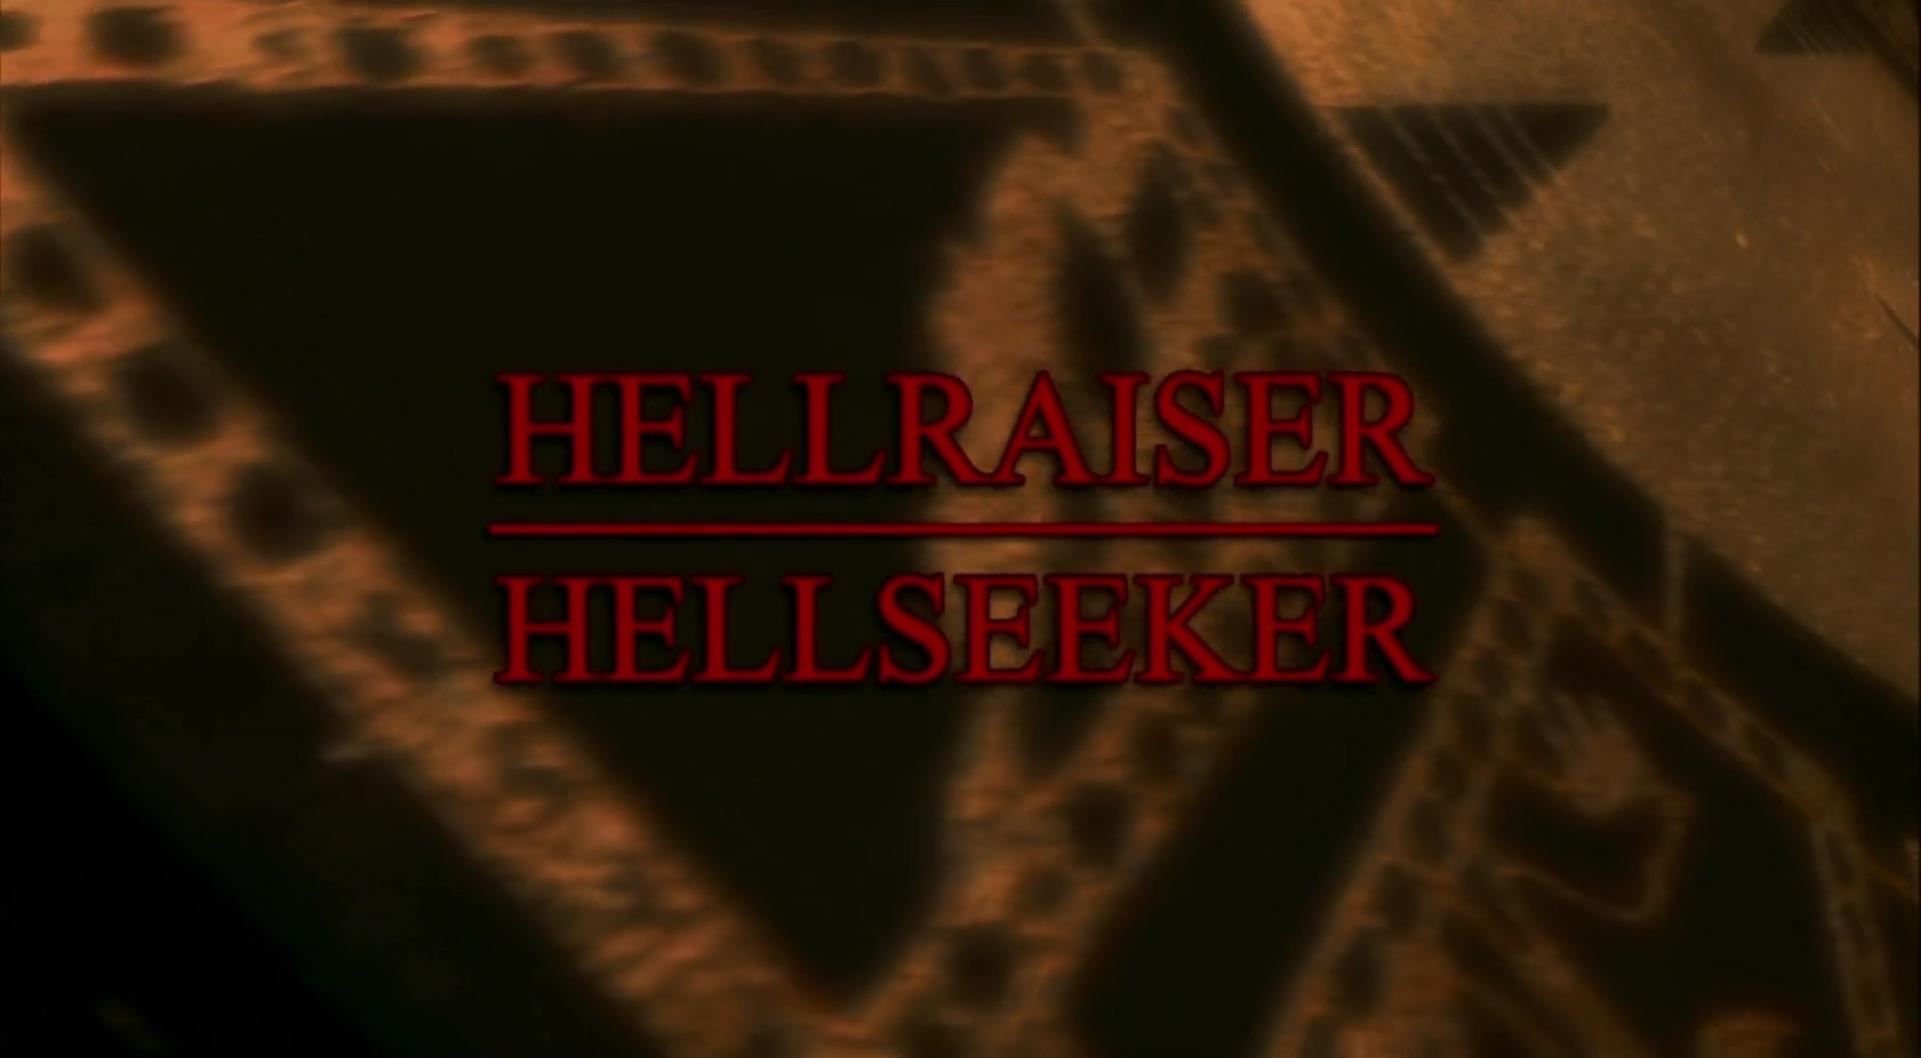 HELLRAISER: HELLSEEKER de Rick Bota (2002)